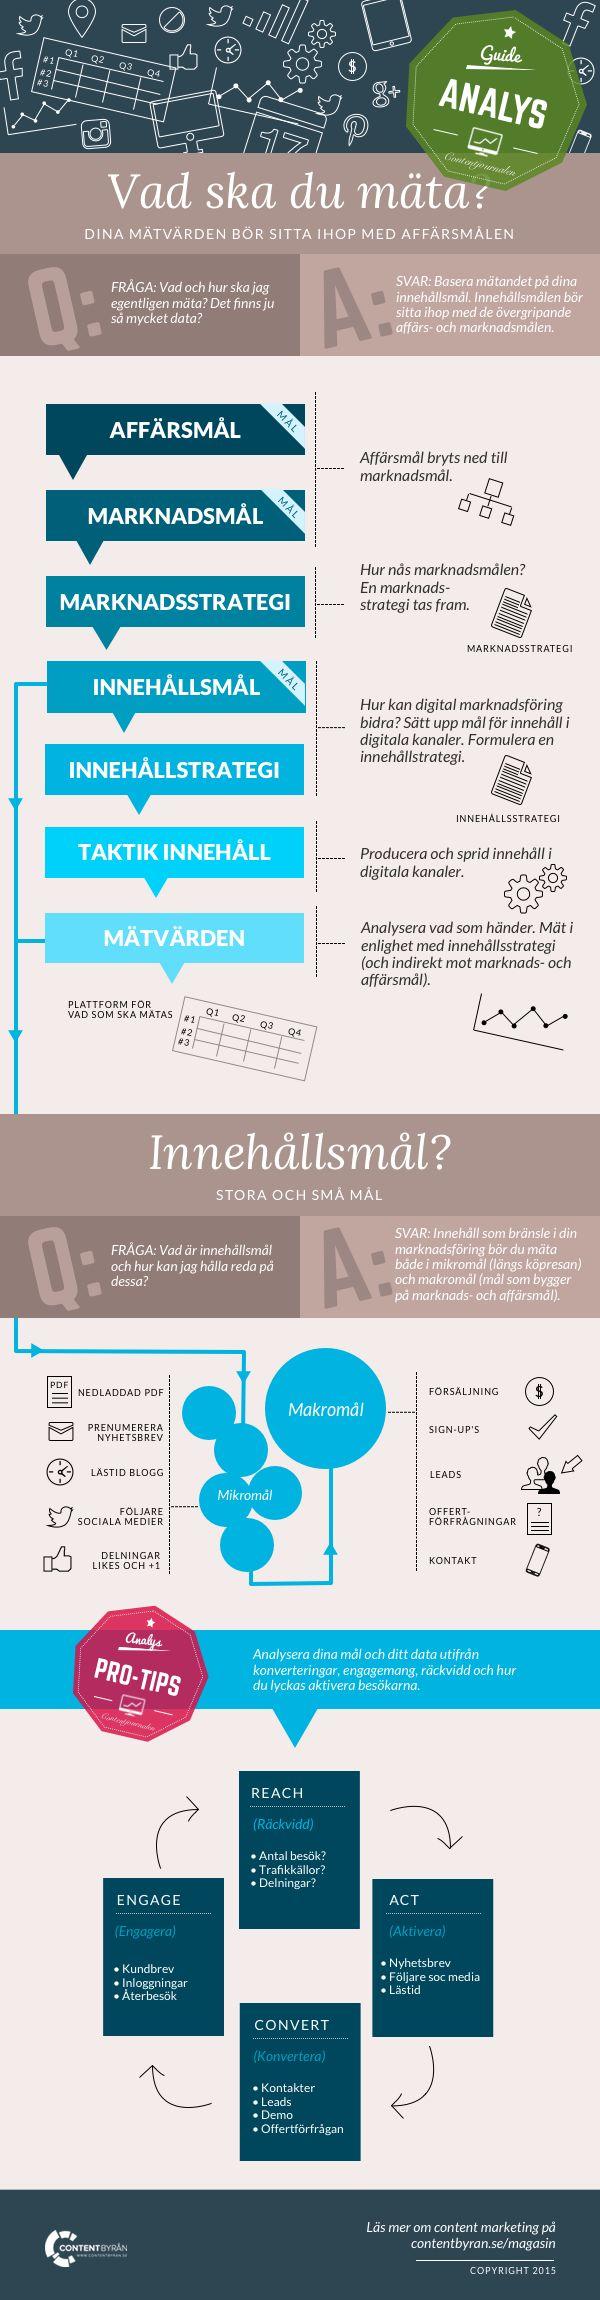 vad mäta digital marknadsföring